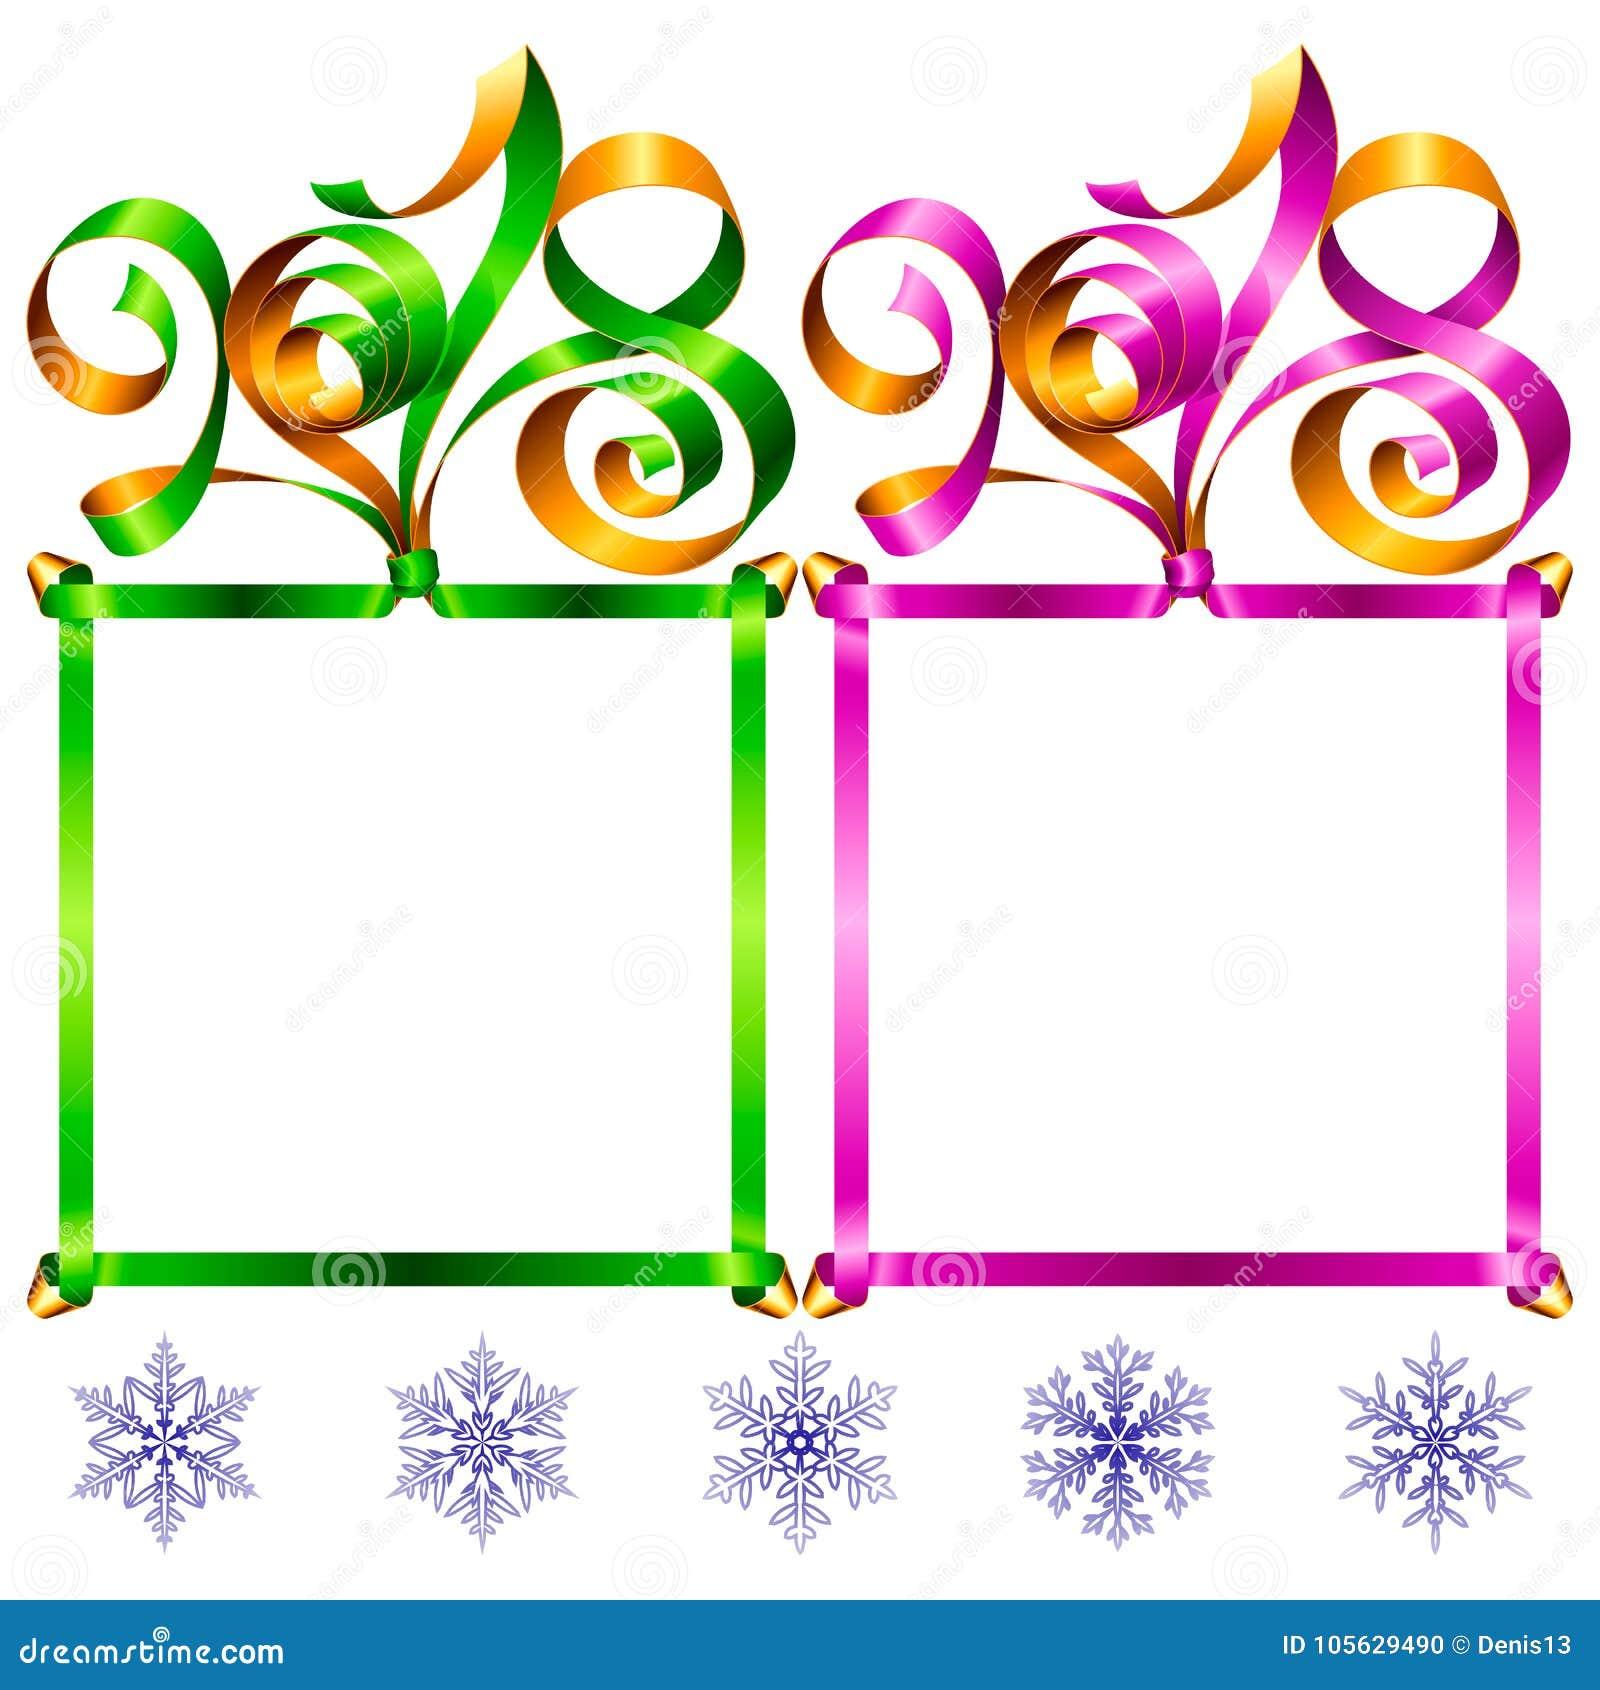 2018 New Year Ribbon Lettering Frame Set Stock Vector - Illustration ...